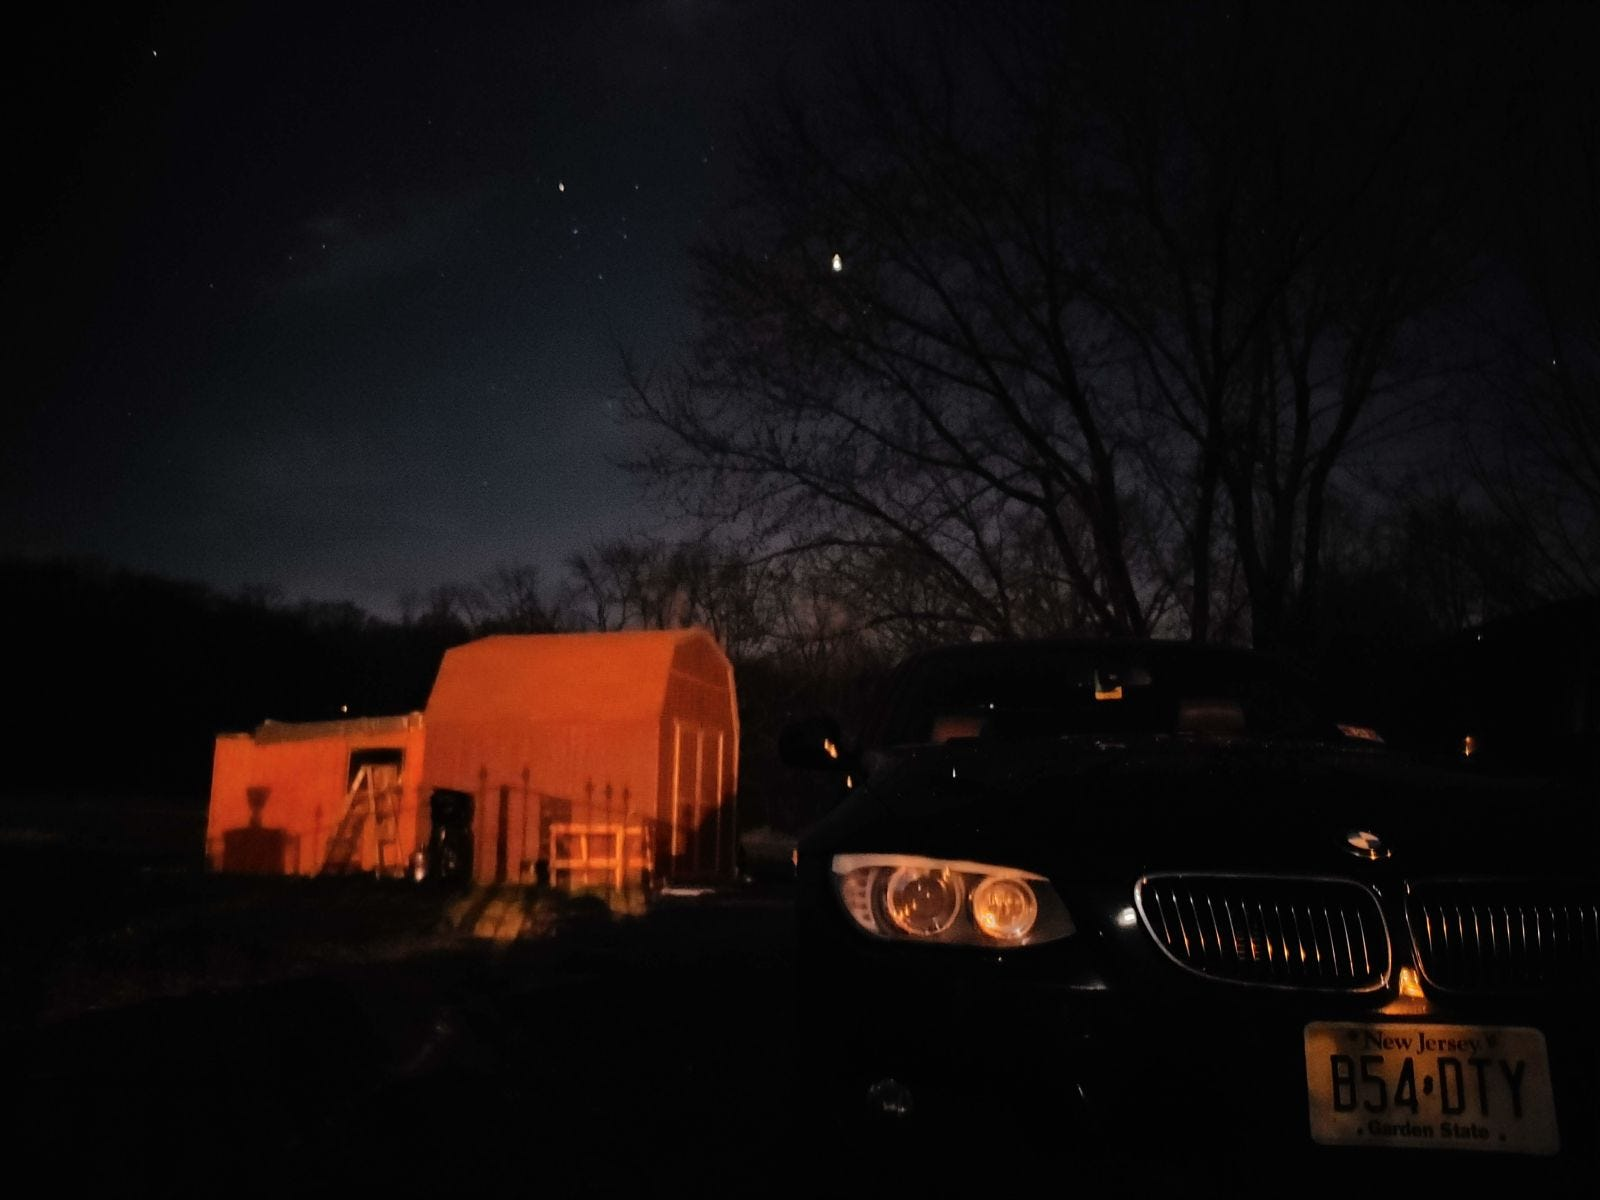 Foto nocturna tomada con el LG V60.